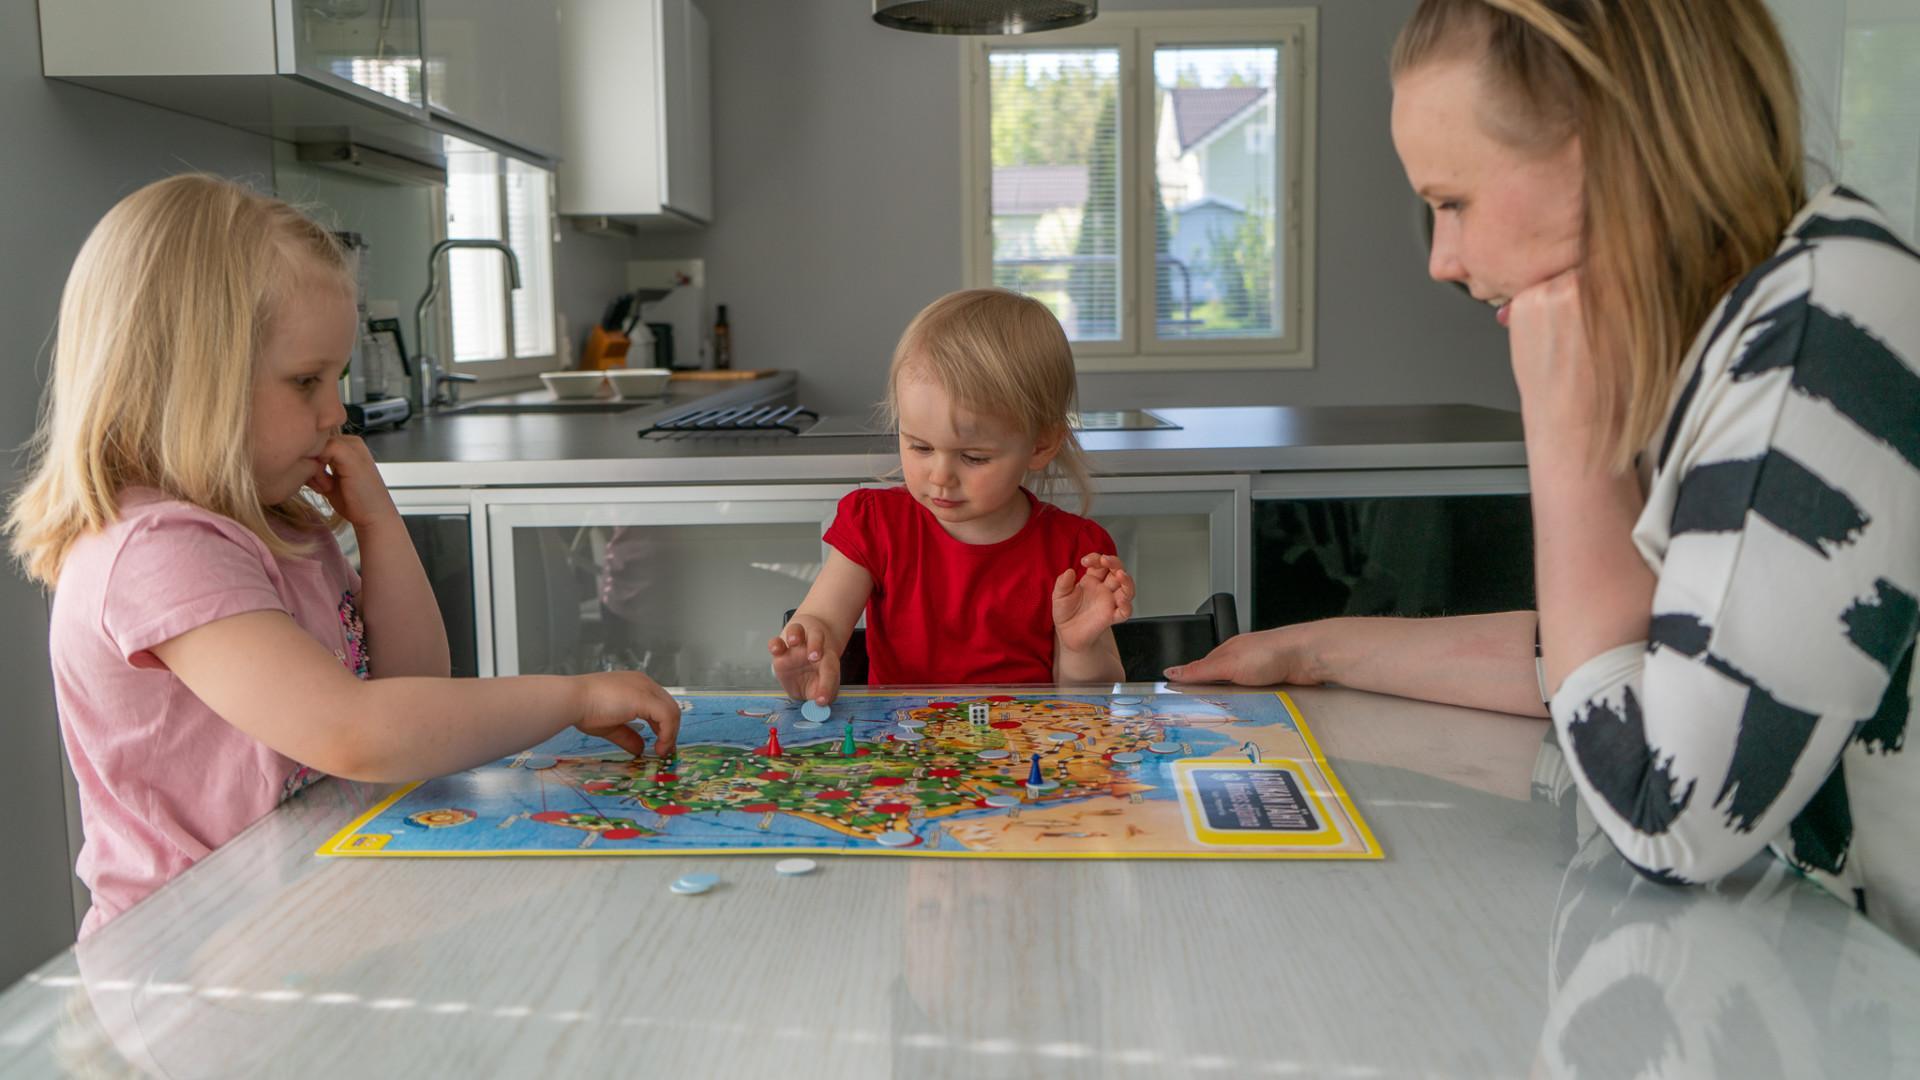 Äiti ja lapset pelaavat lautapeliä keittiössä.